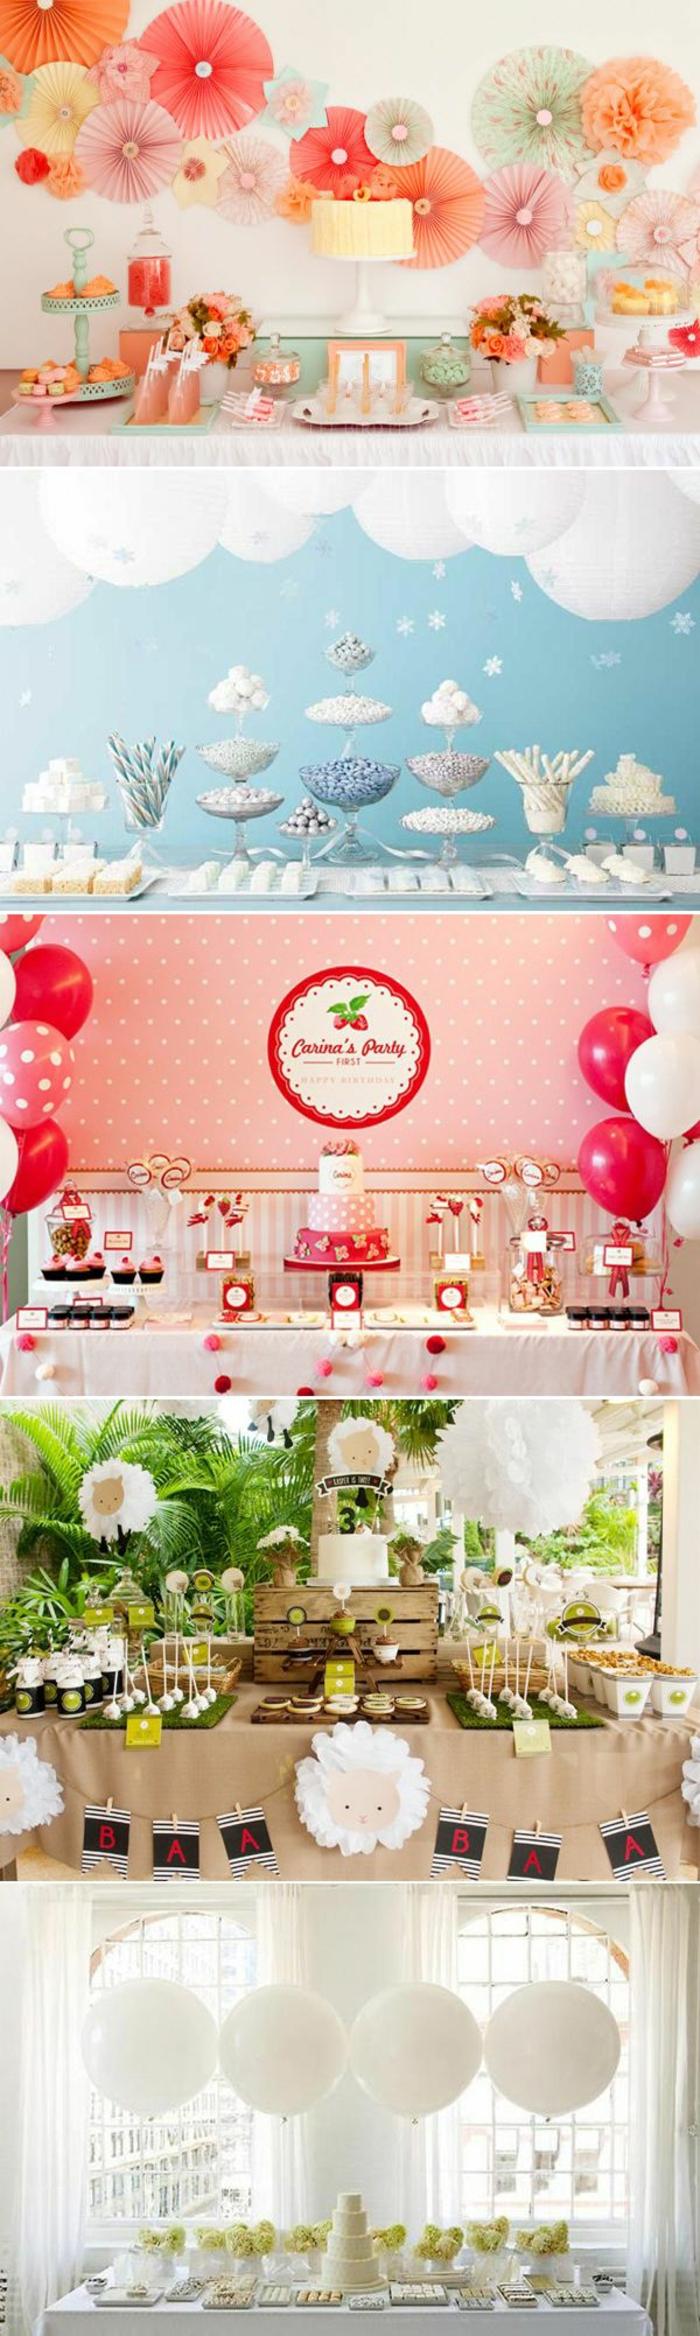 Decorazioni buffet con palloncini, palloncini gonfiati colorati